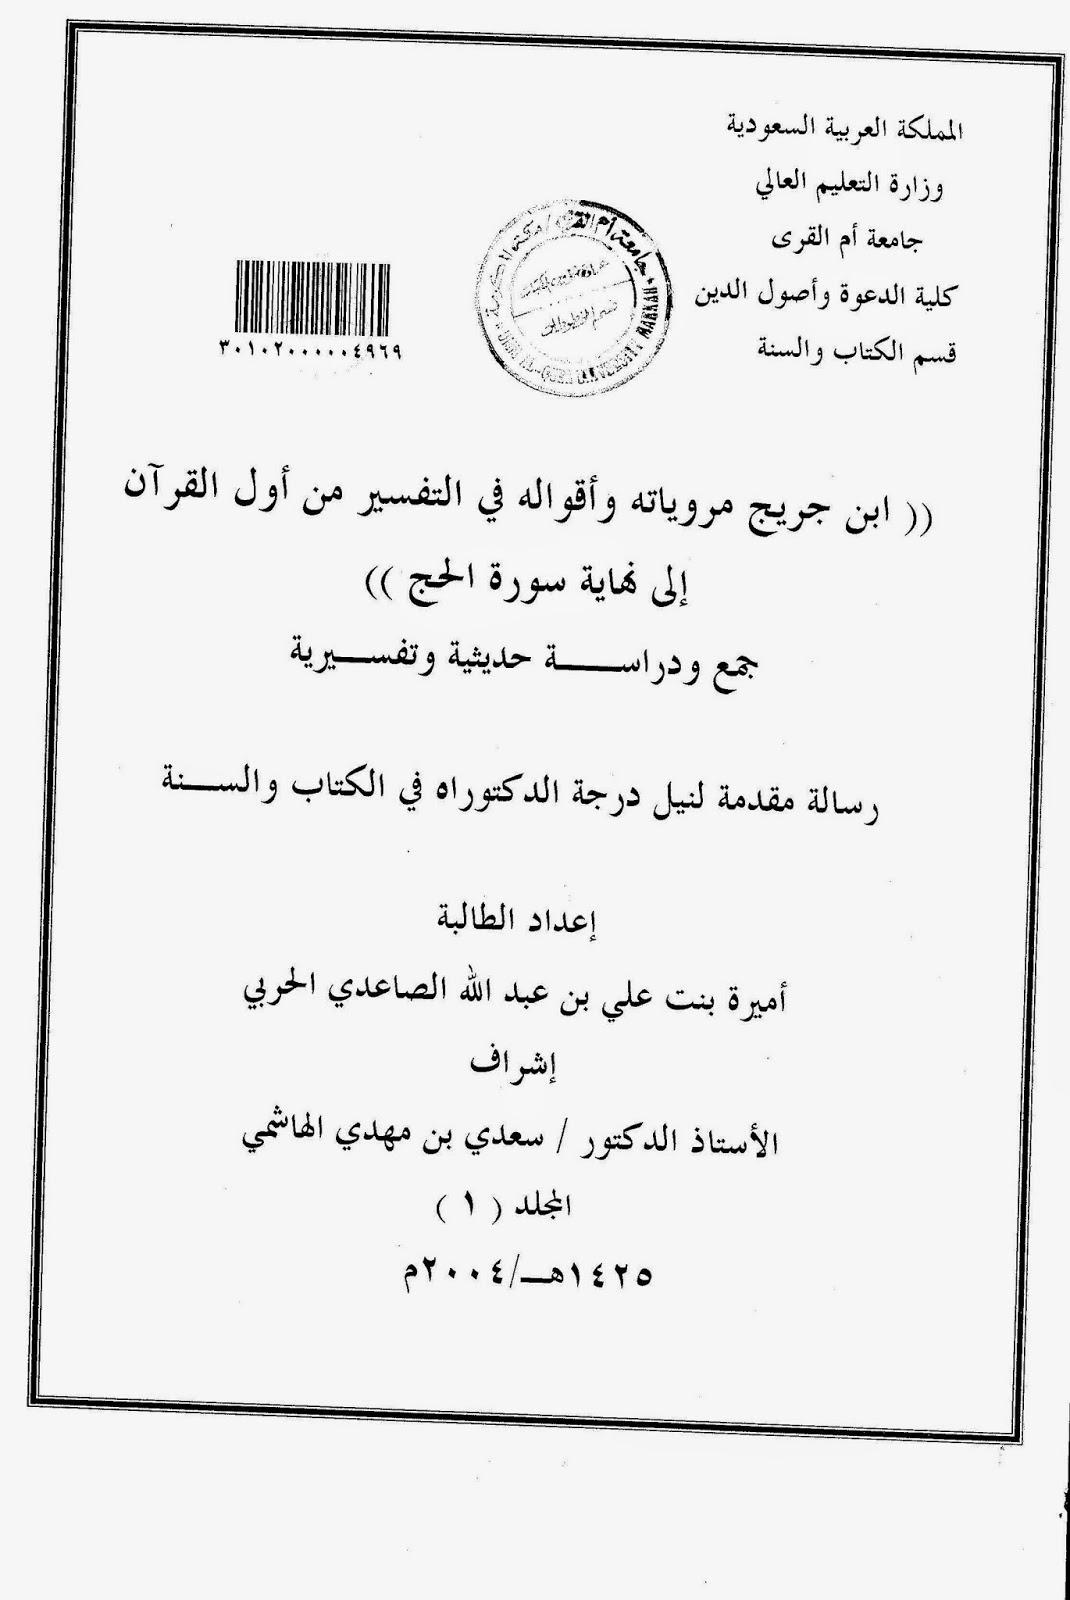 ابن جرير ومروياته وأقواله في التفسير من أول القرآن إلى نهاية سورة الحج - رسالة دكتوراه pdf